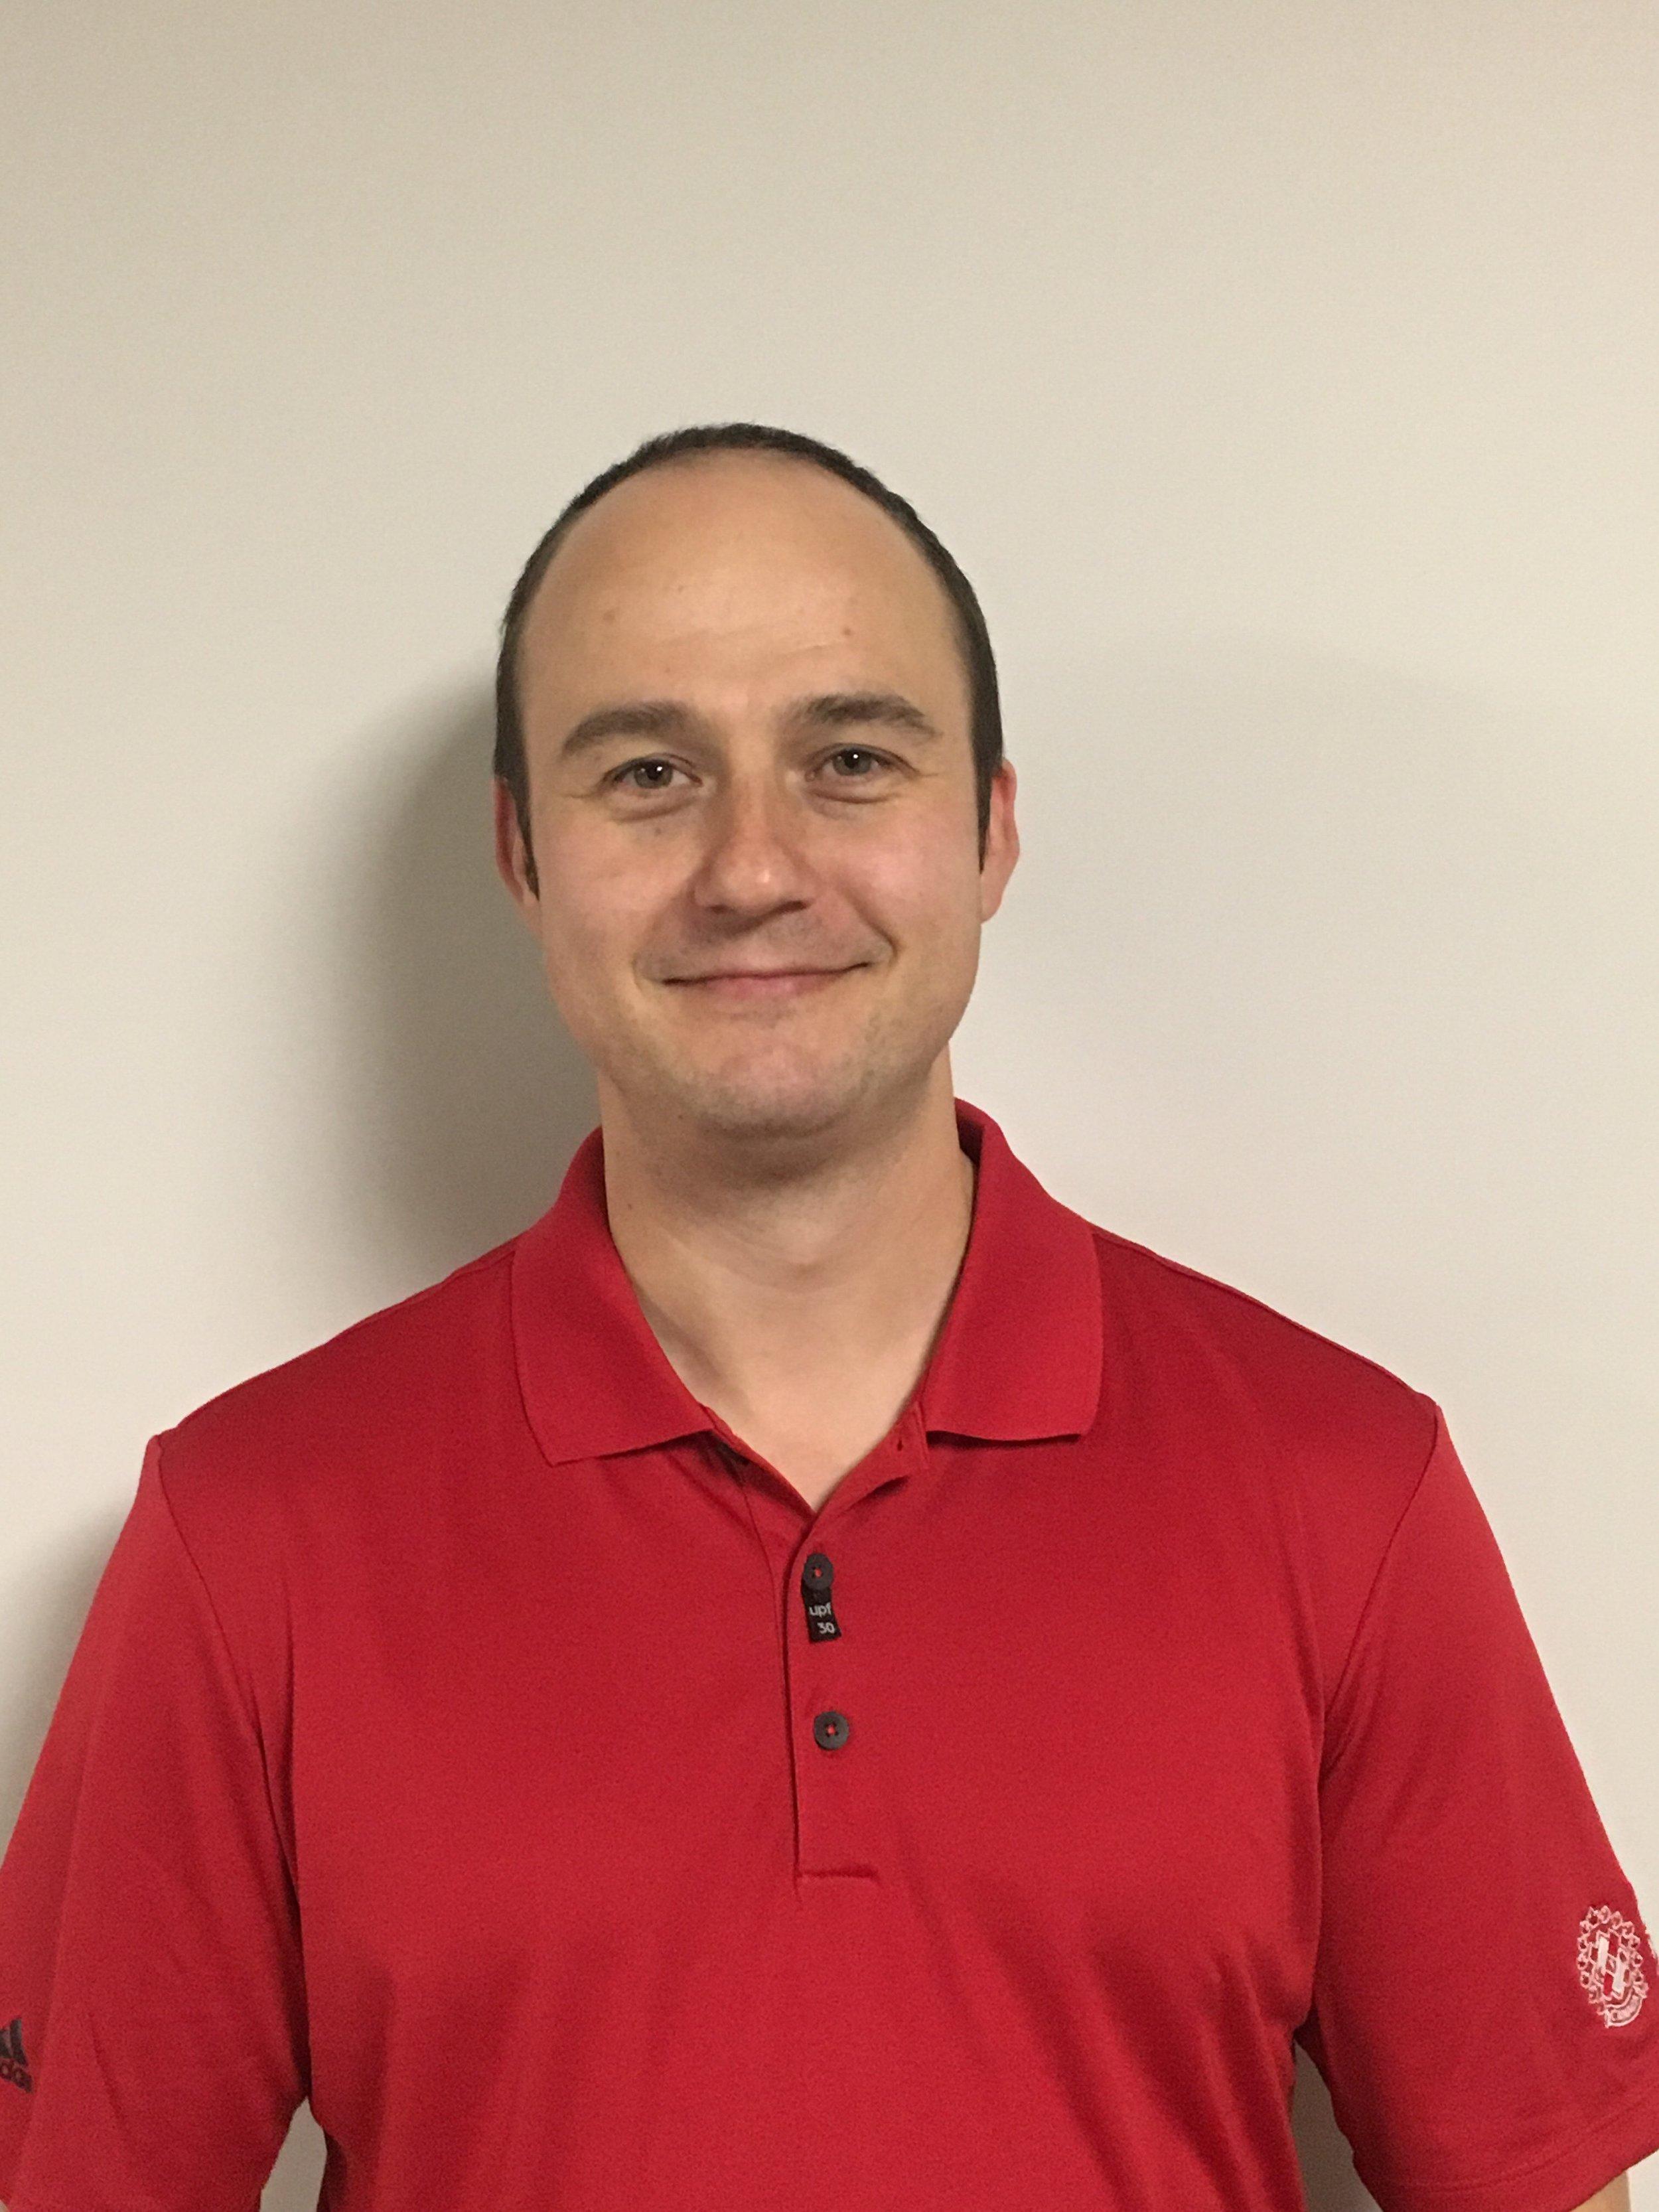 Matt Clarkson  Registrar, 4th year Kinsman Air Conditioning & Refrigeration Mechanic at Grand River Hospital